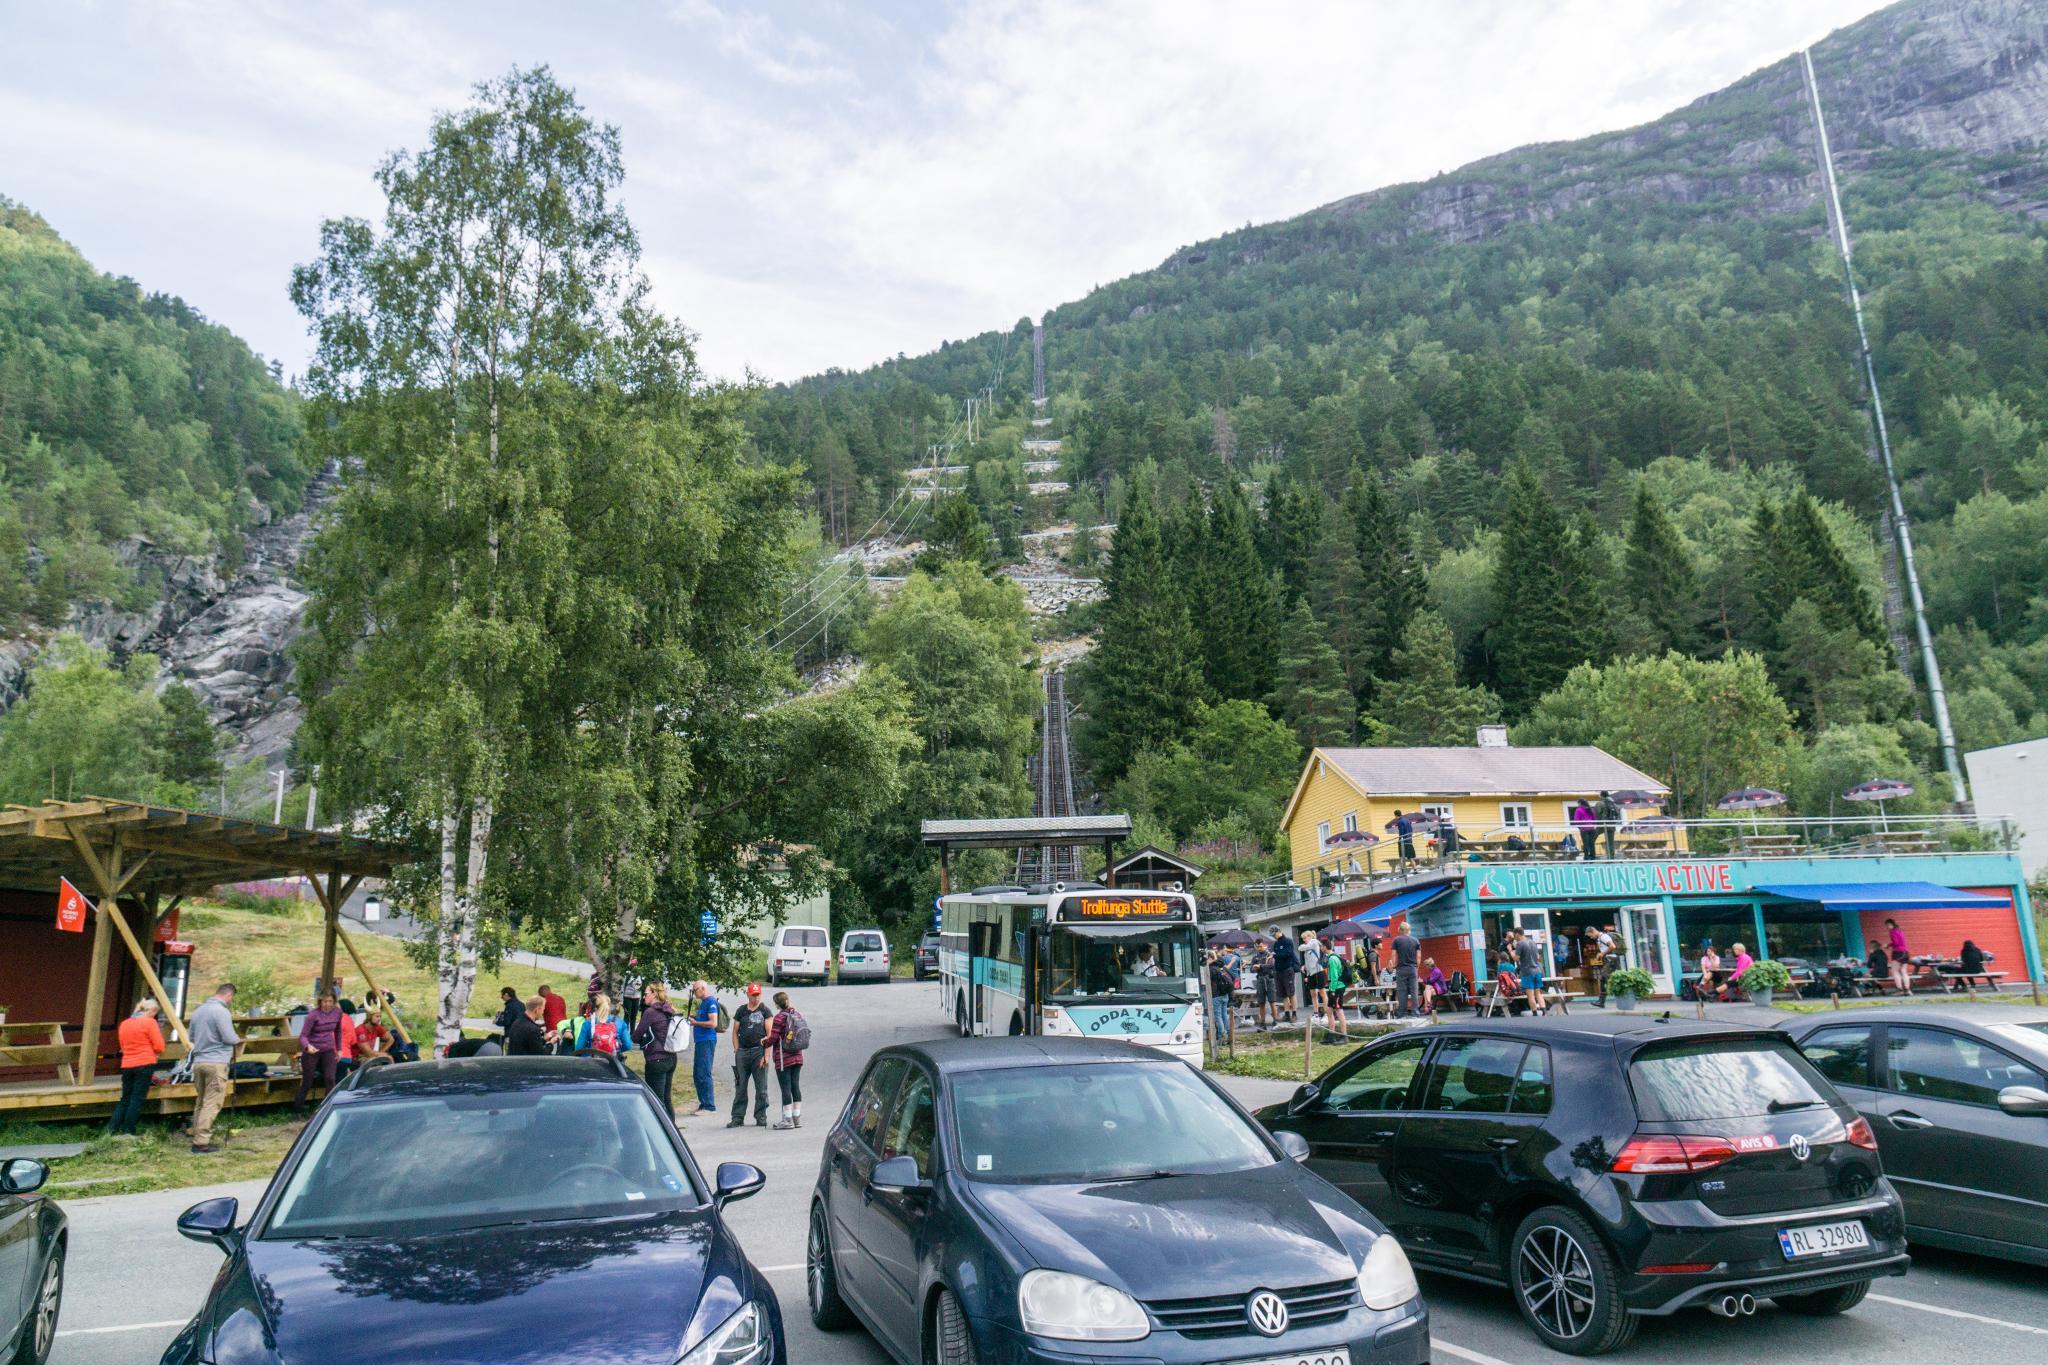 【北歐景點】挪威惡魔之舌 Trolltunga — 28公里健行挑戰全攻略 173